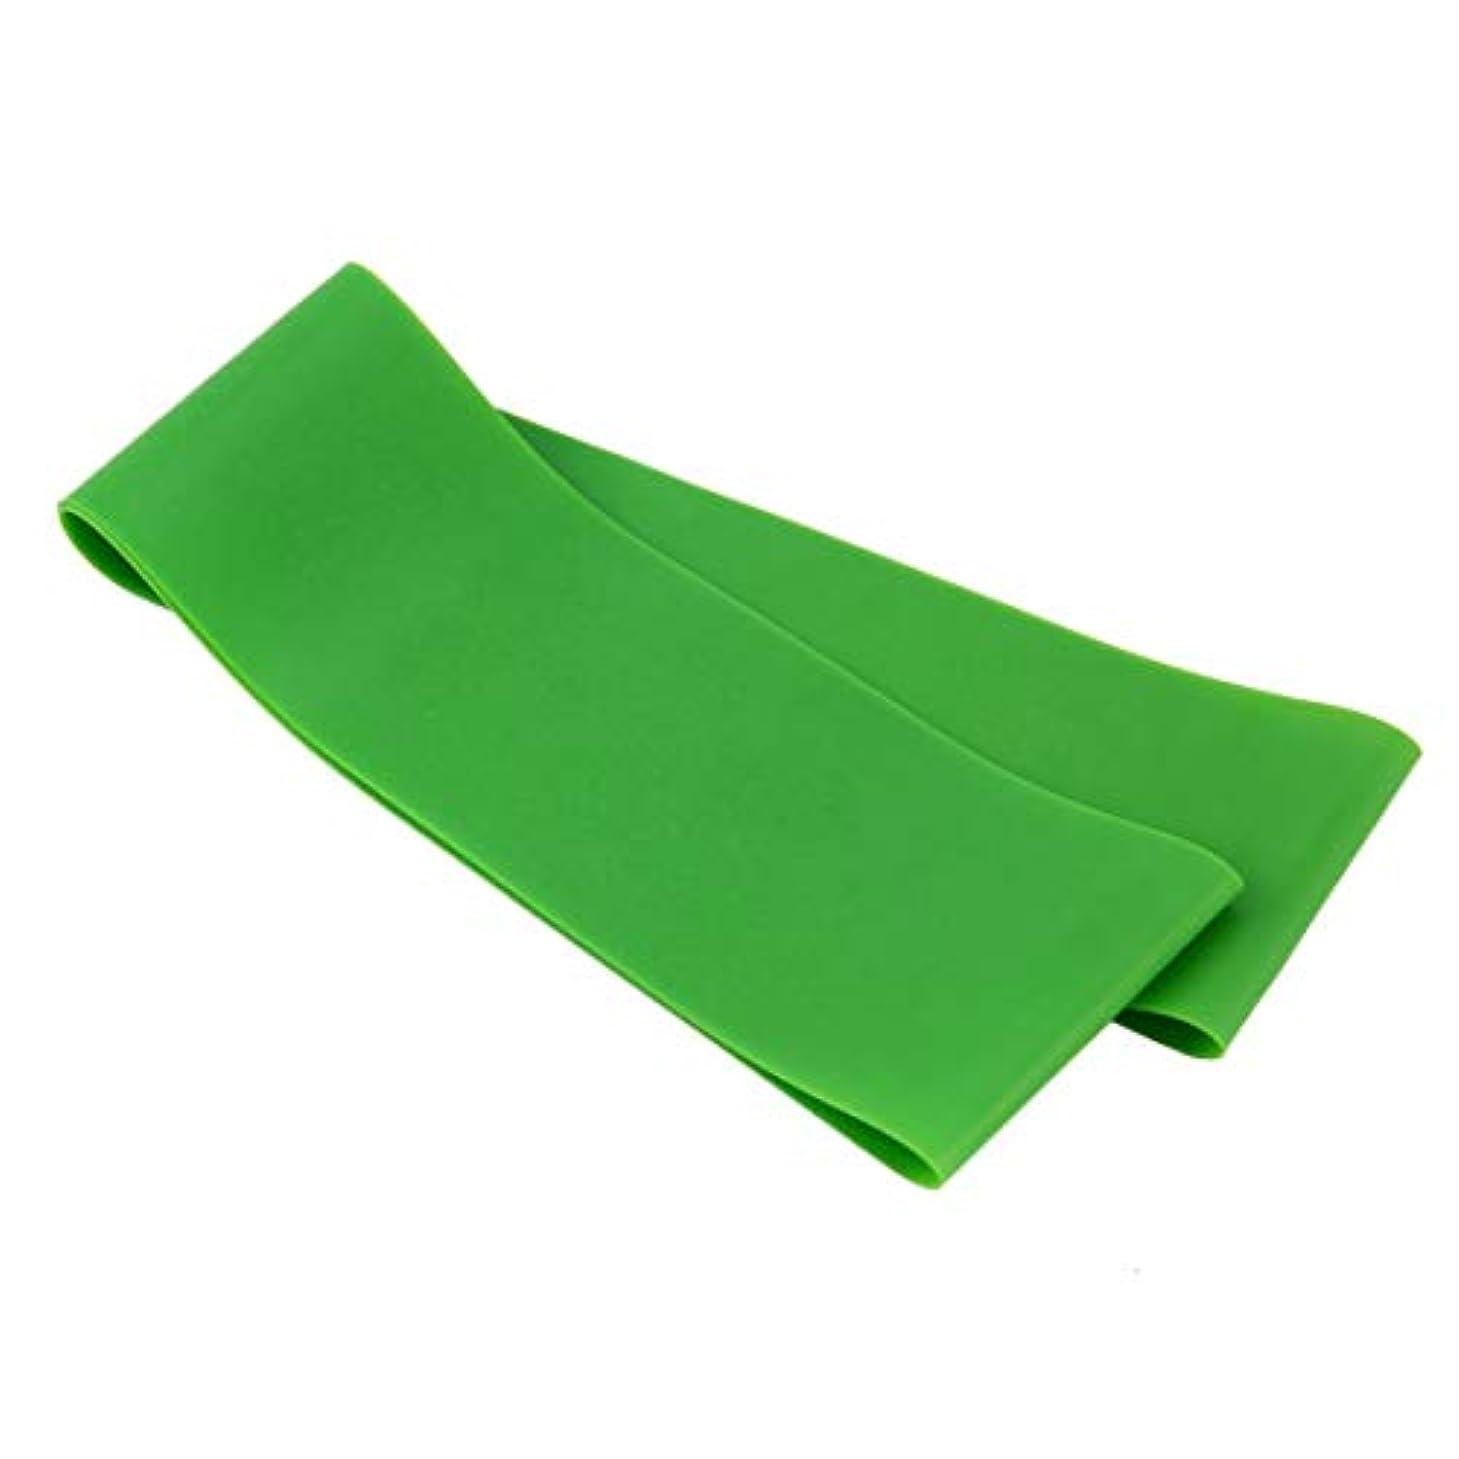 フェデレーション勝利和滑り止め伸縮性ゴム弾性ヨガベルトバンドプルロープ張力抵抗バンドループ強度のためのフィットネスヨガツール - グリーン